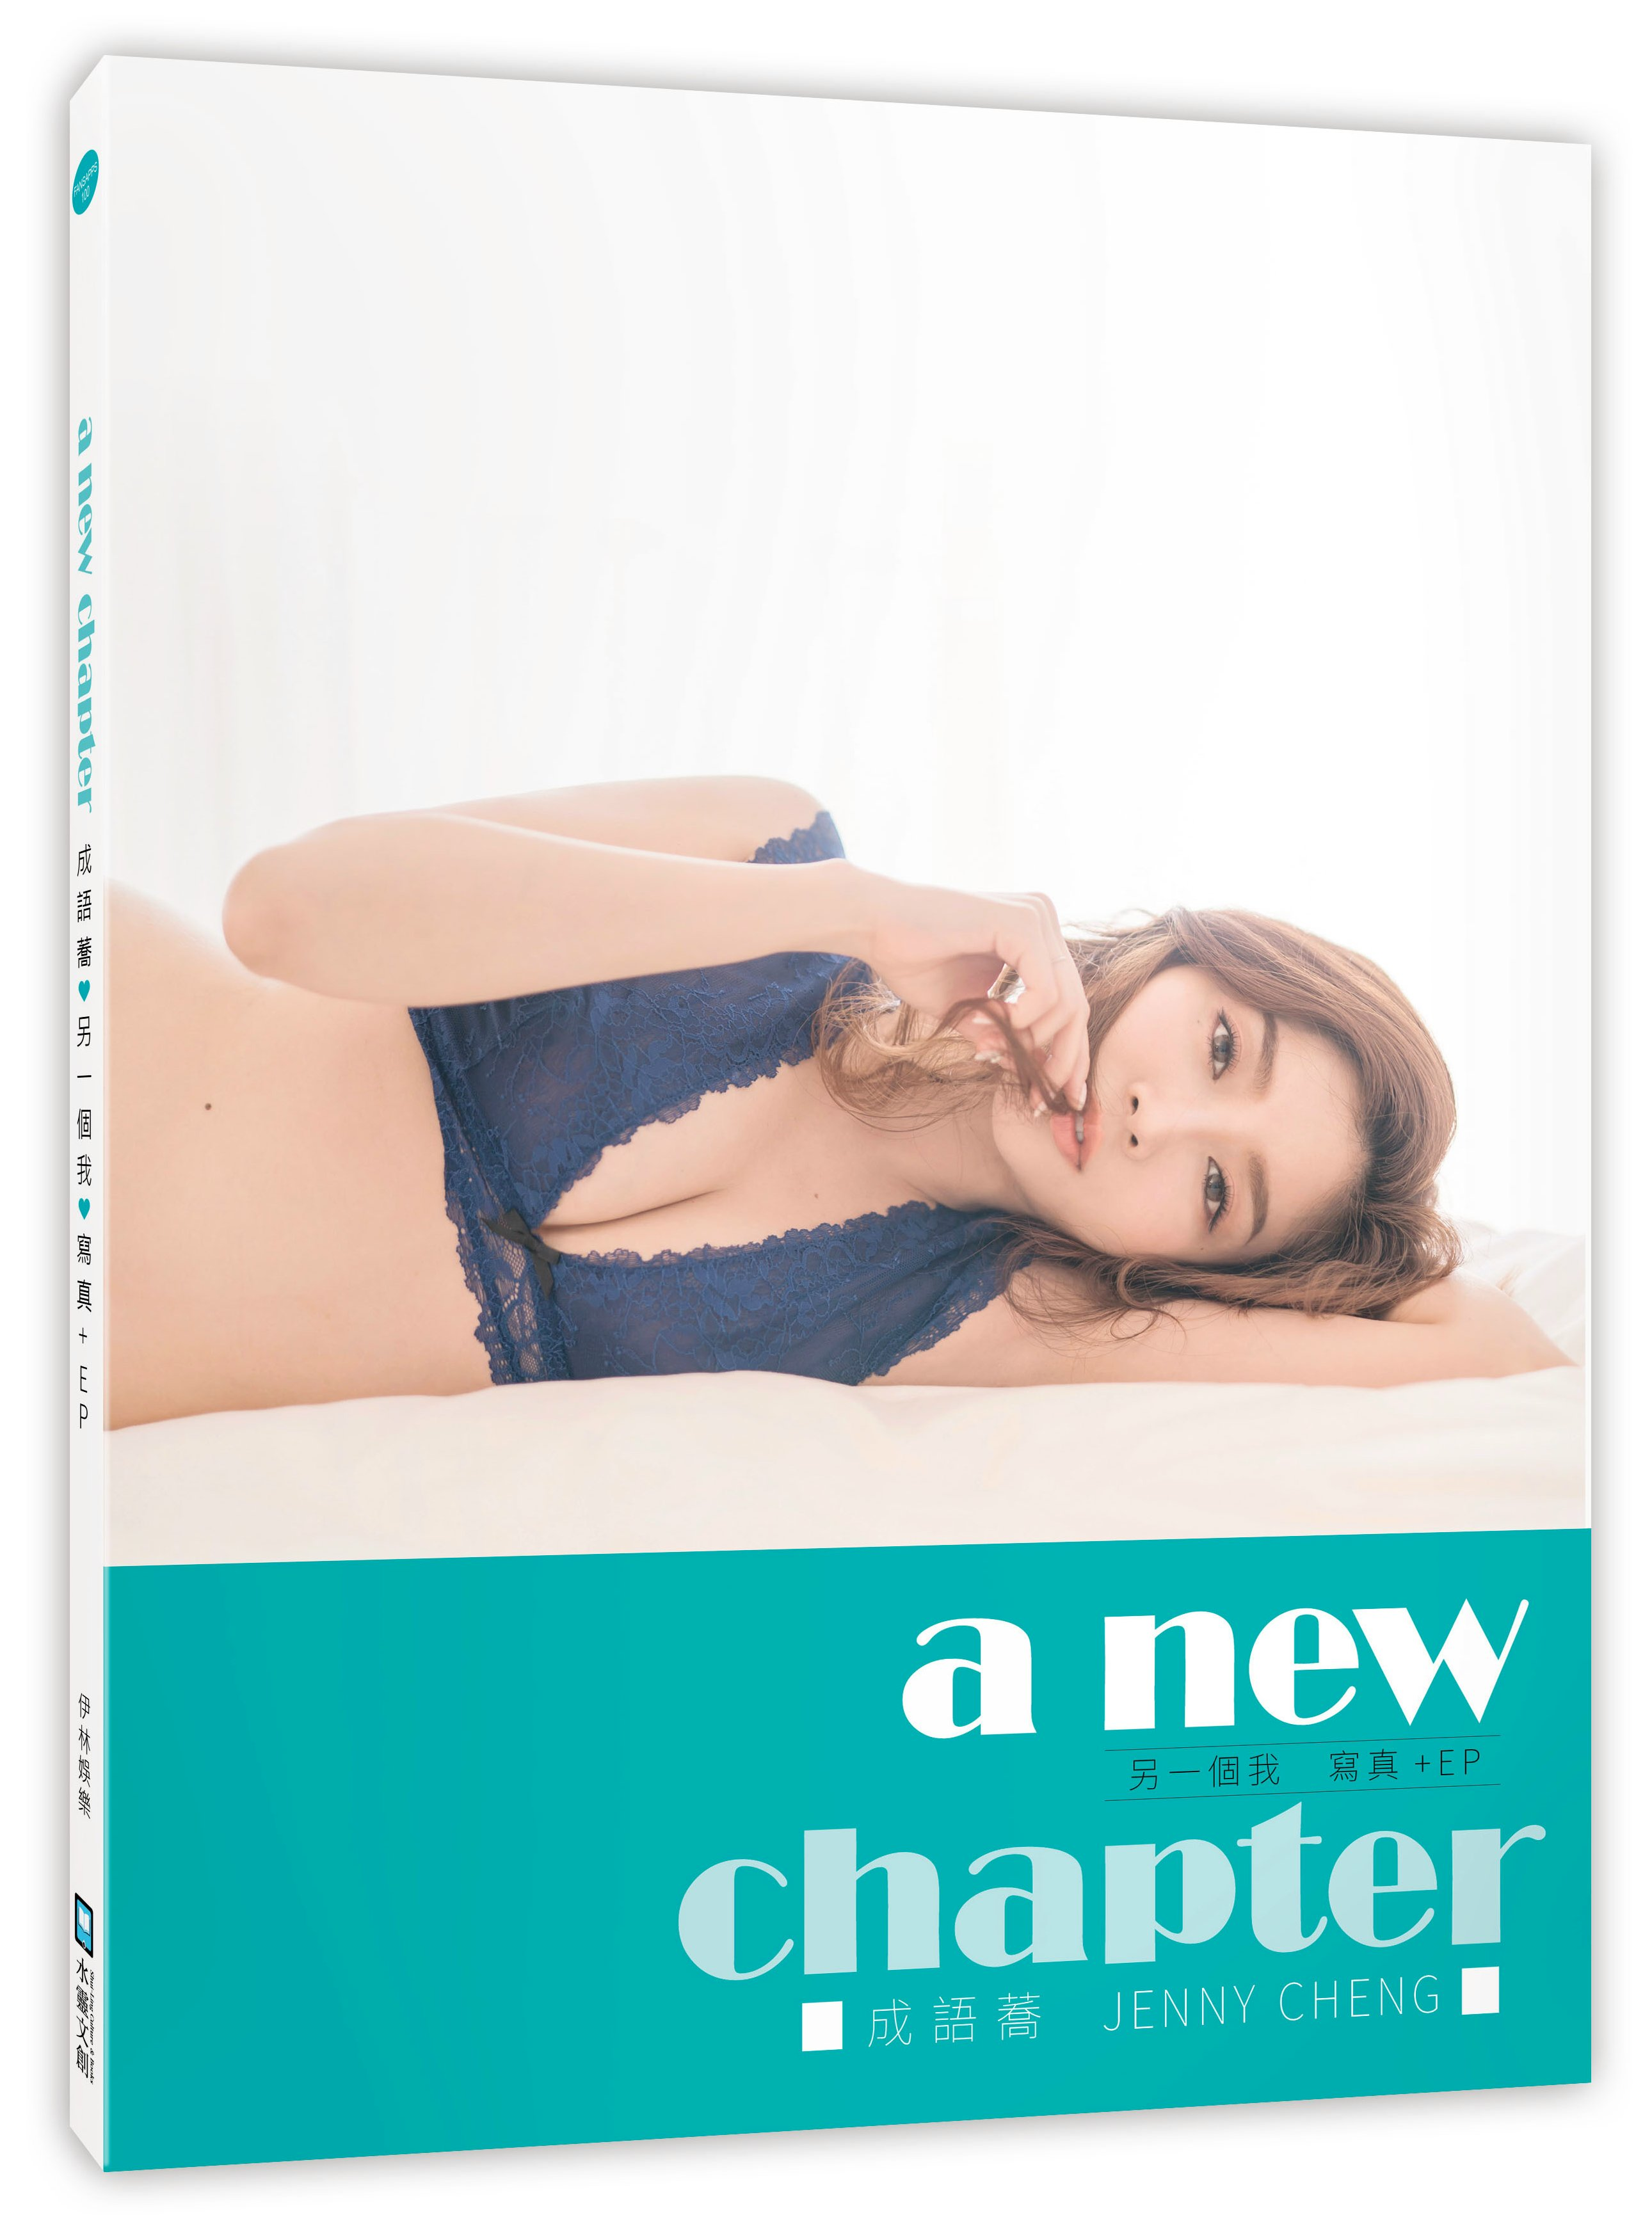 成語蕎《另一個我/a new chapter》寫真+EP / 親簽B款(首刷限量/白洋裝立牌)